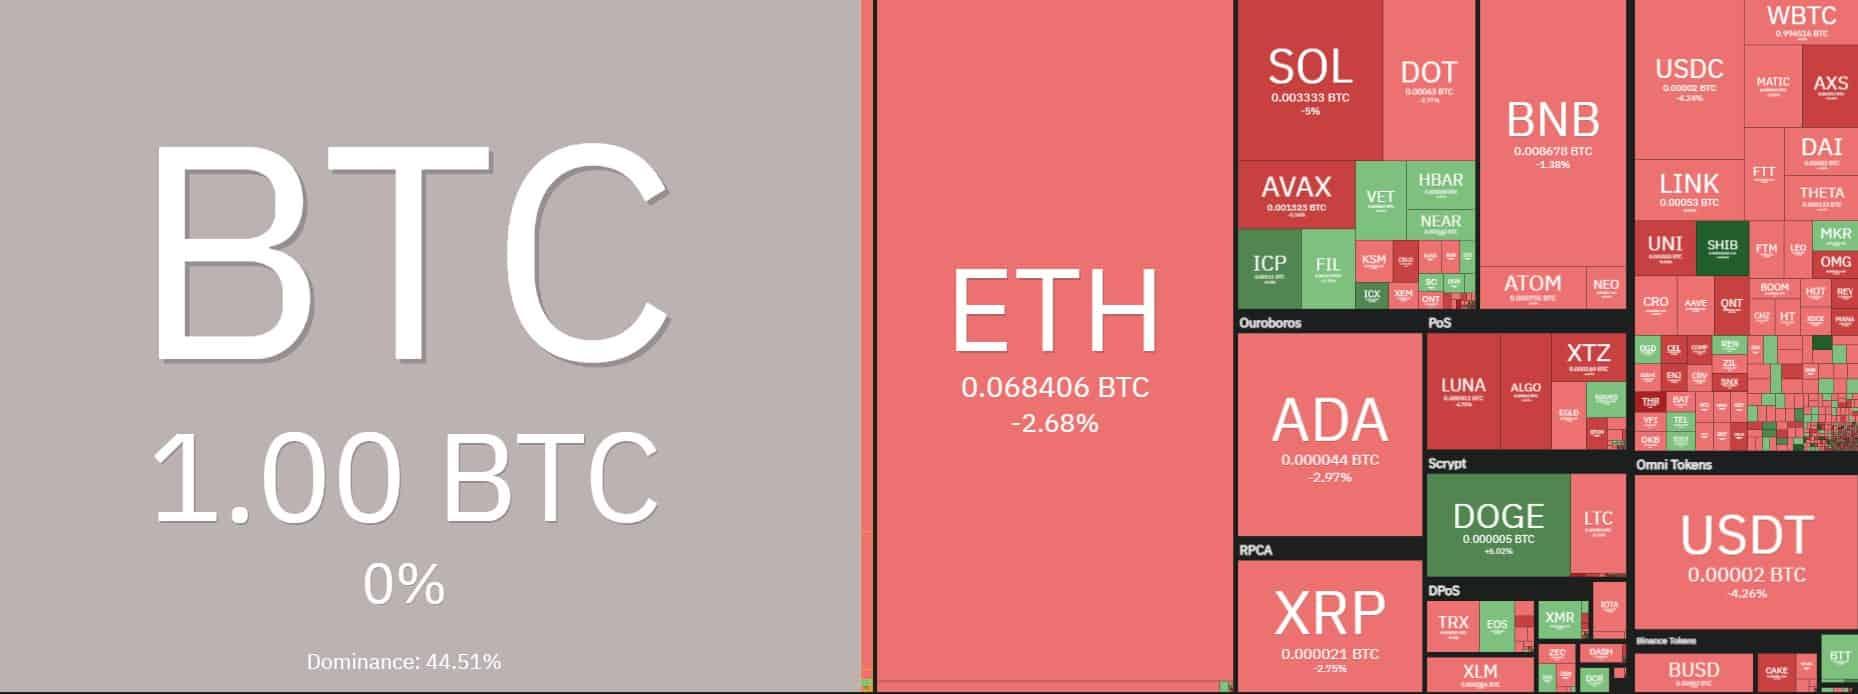 Altcoins Vs. Bitcoin. Source: Coin360.com